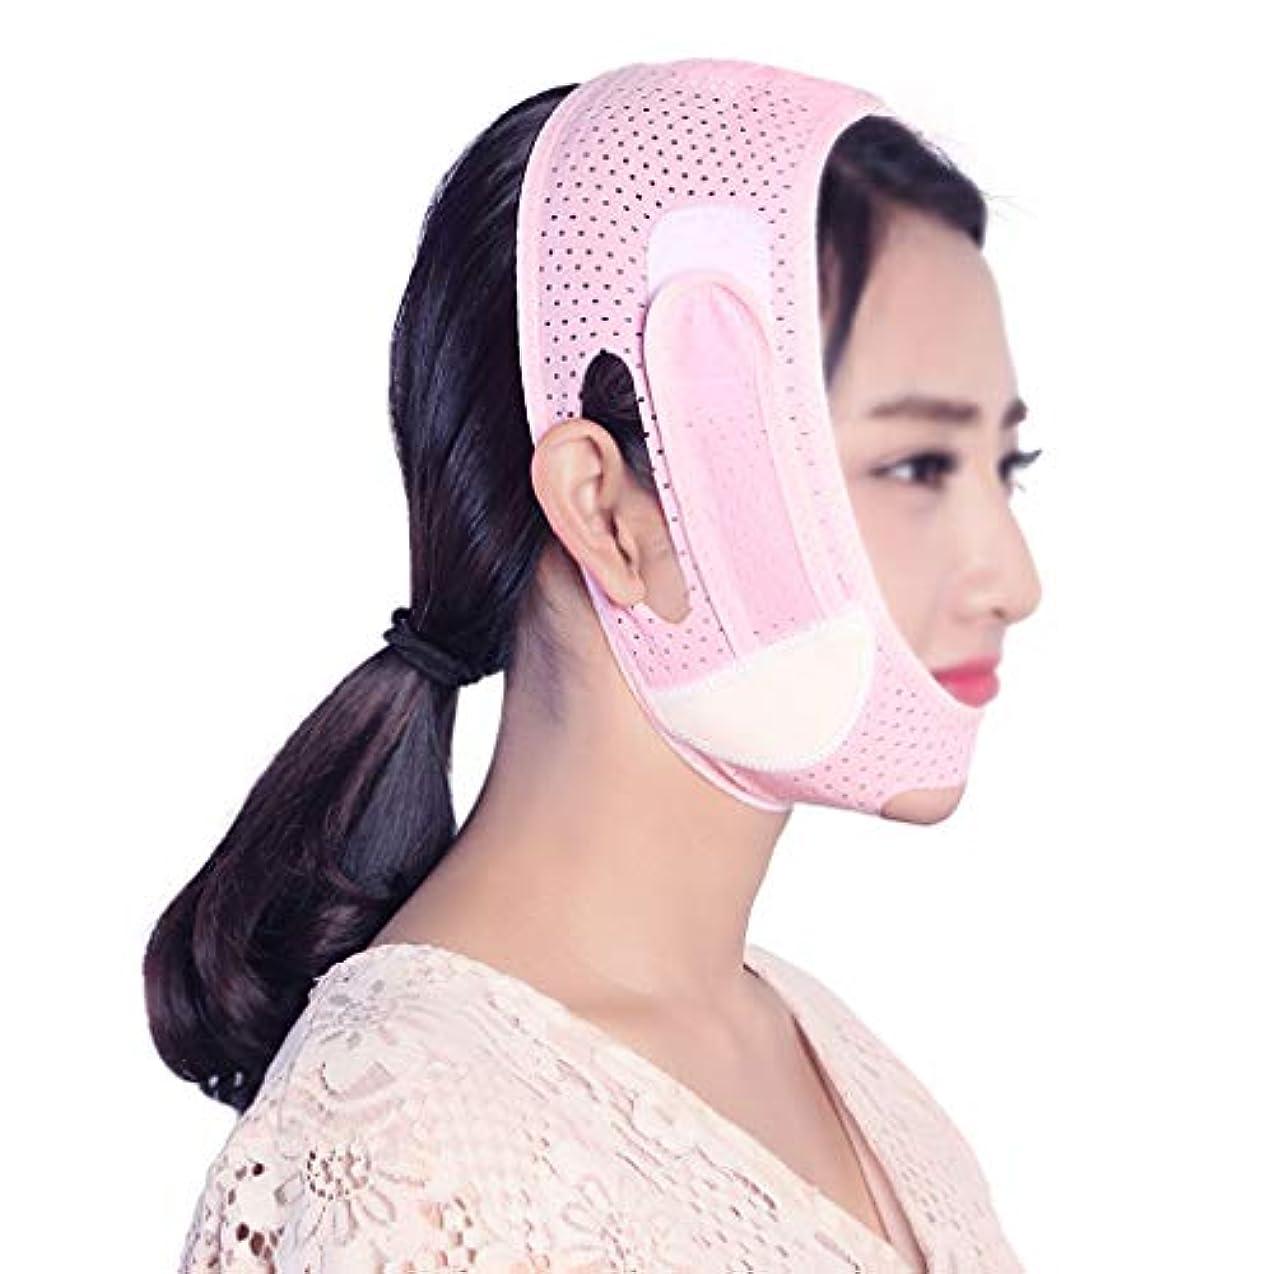 疲労カジュアル信号GLJJQMY スリムな包帯フェイシャルトリートメント強化フェイシャルチークV型アンチリンクルダブルチンビューティツール 顔用整形マスク